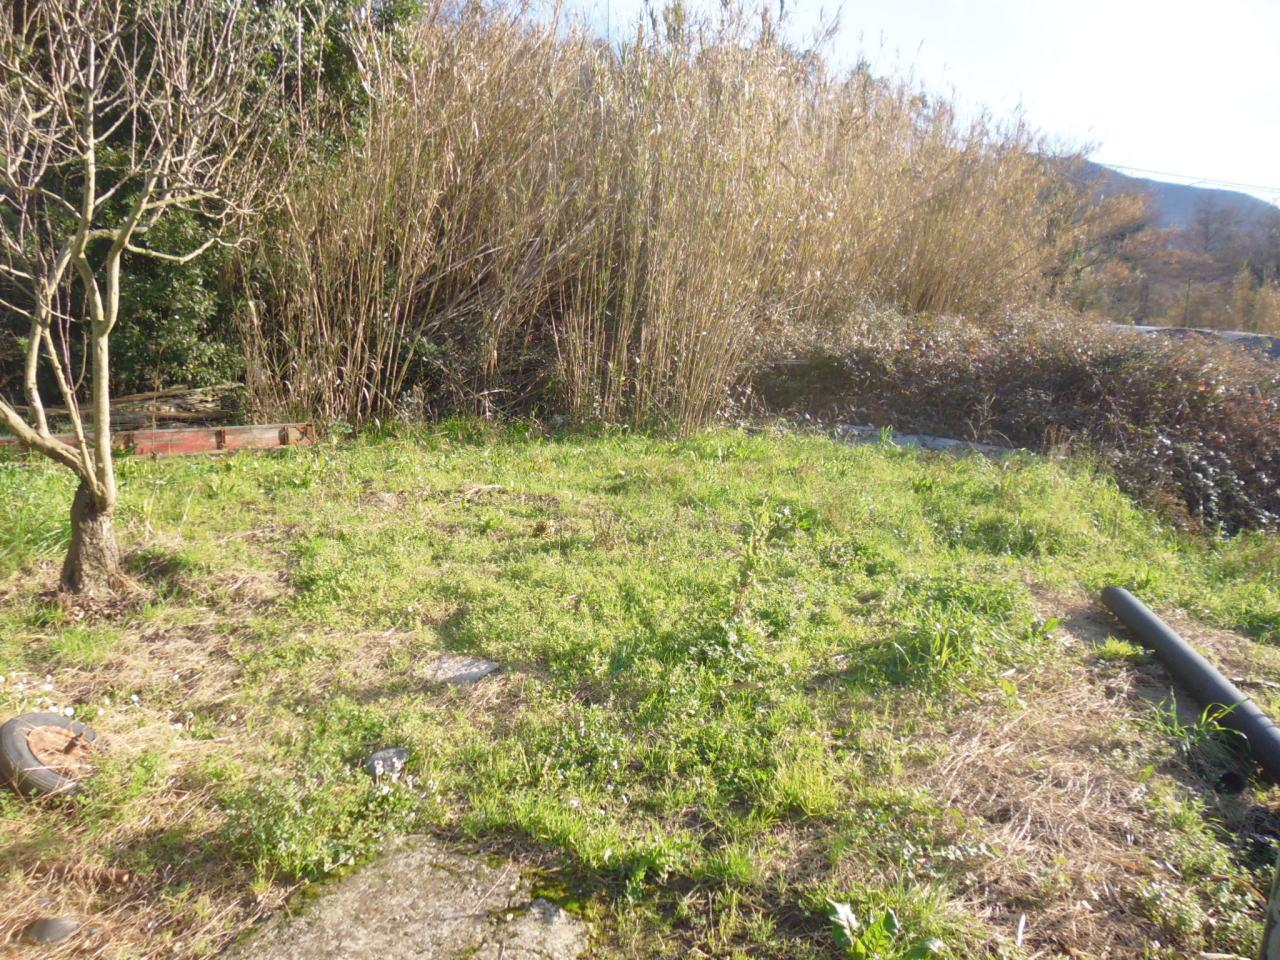 Terreno Agricolo in vendita a Casarza Ligure, 9999 locali, prezzo € 90.000 | CambioCasa.it